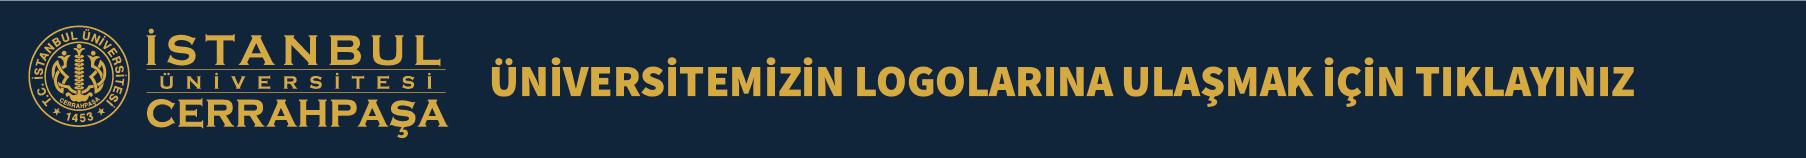 Logolarımız için tıklayınız.